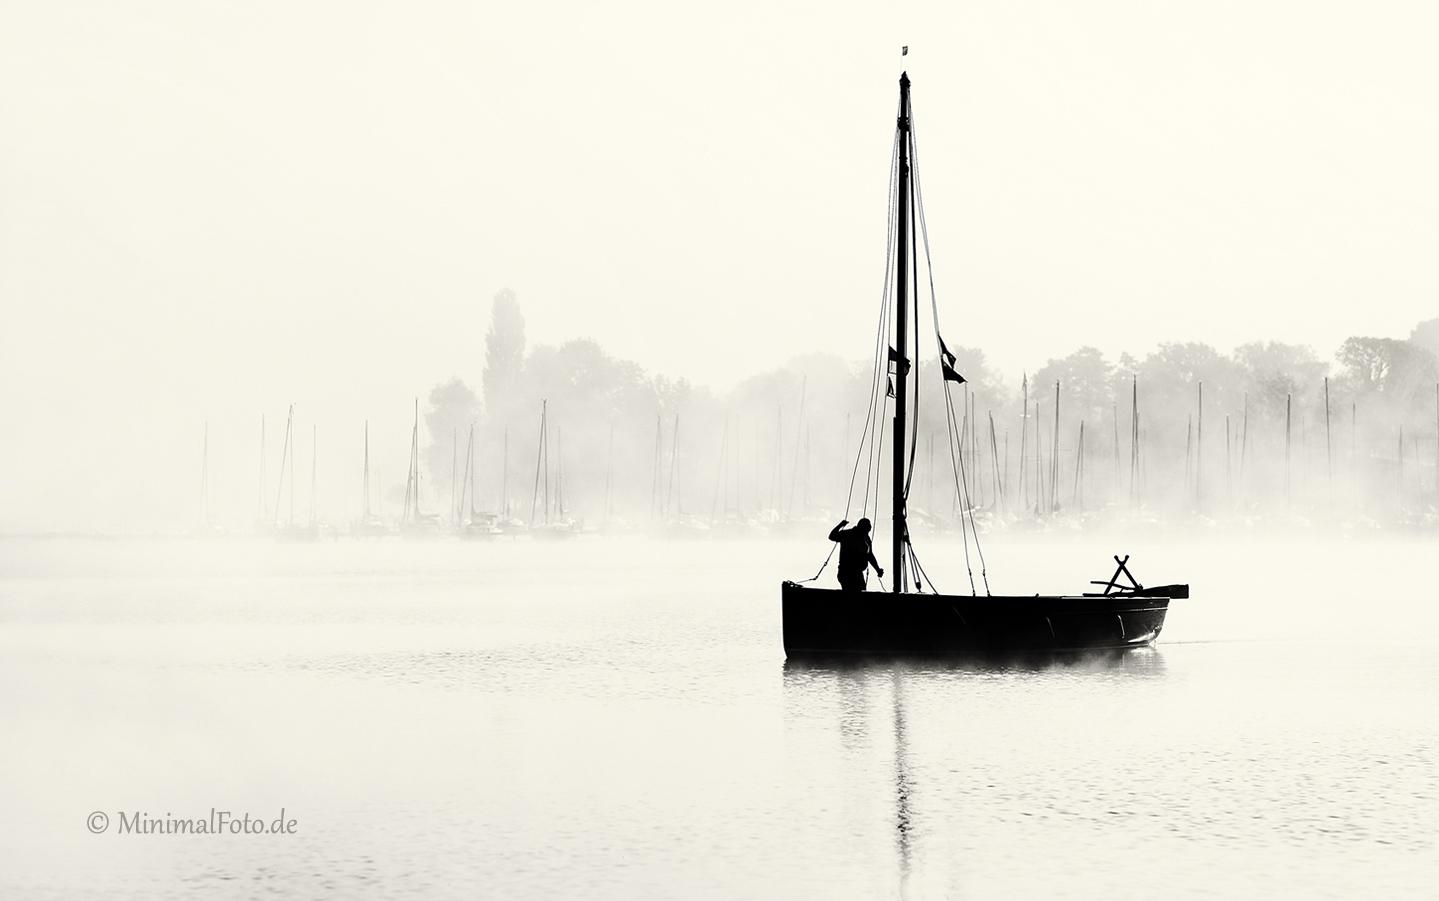 boot-boat-fog-nebel-neblig-misty-See-Lake-Minimalismus-minimalistisch-minimalistic-people-Menschen-Silhouette-black-white-schwarz-weiss-B_DSC1135sw